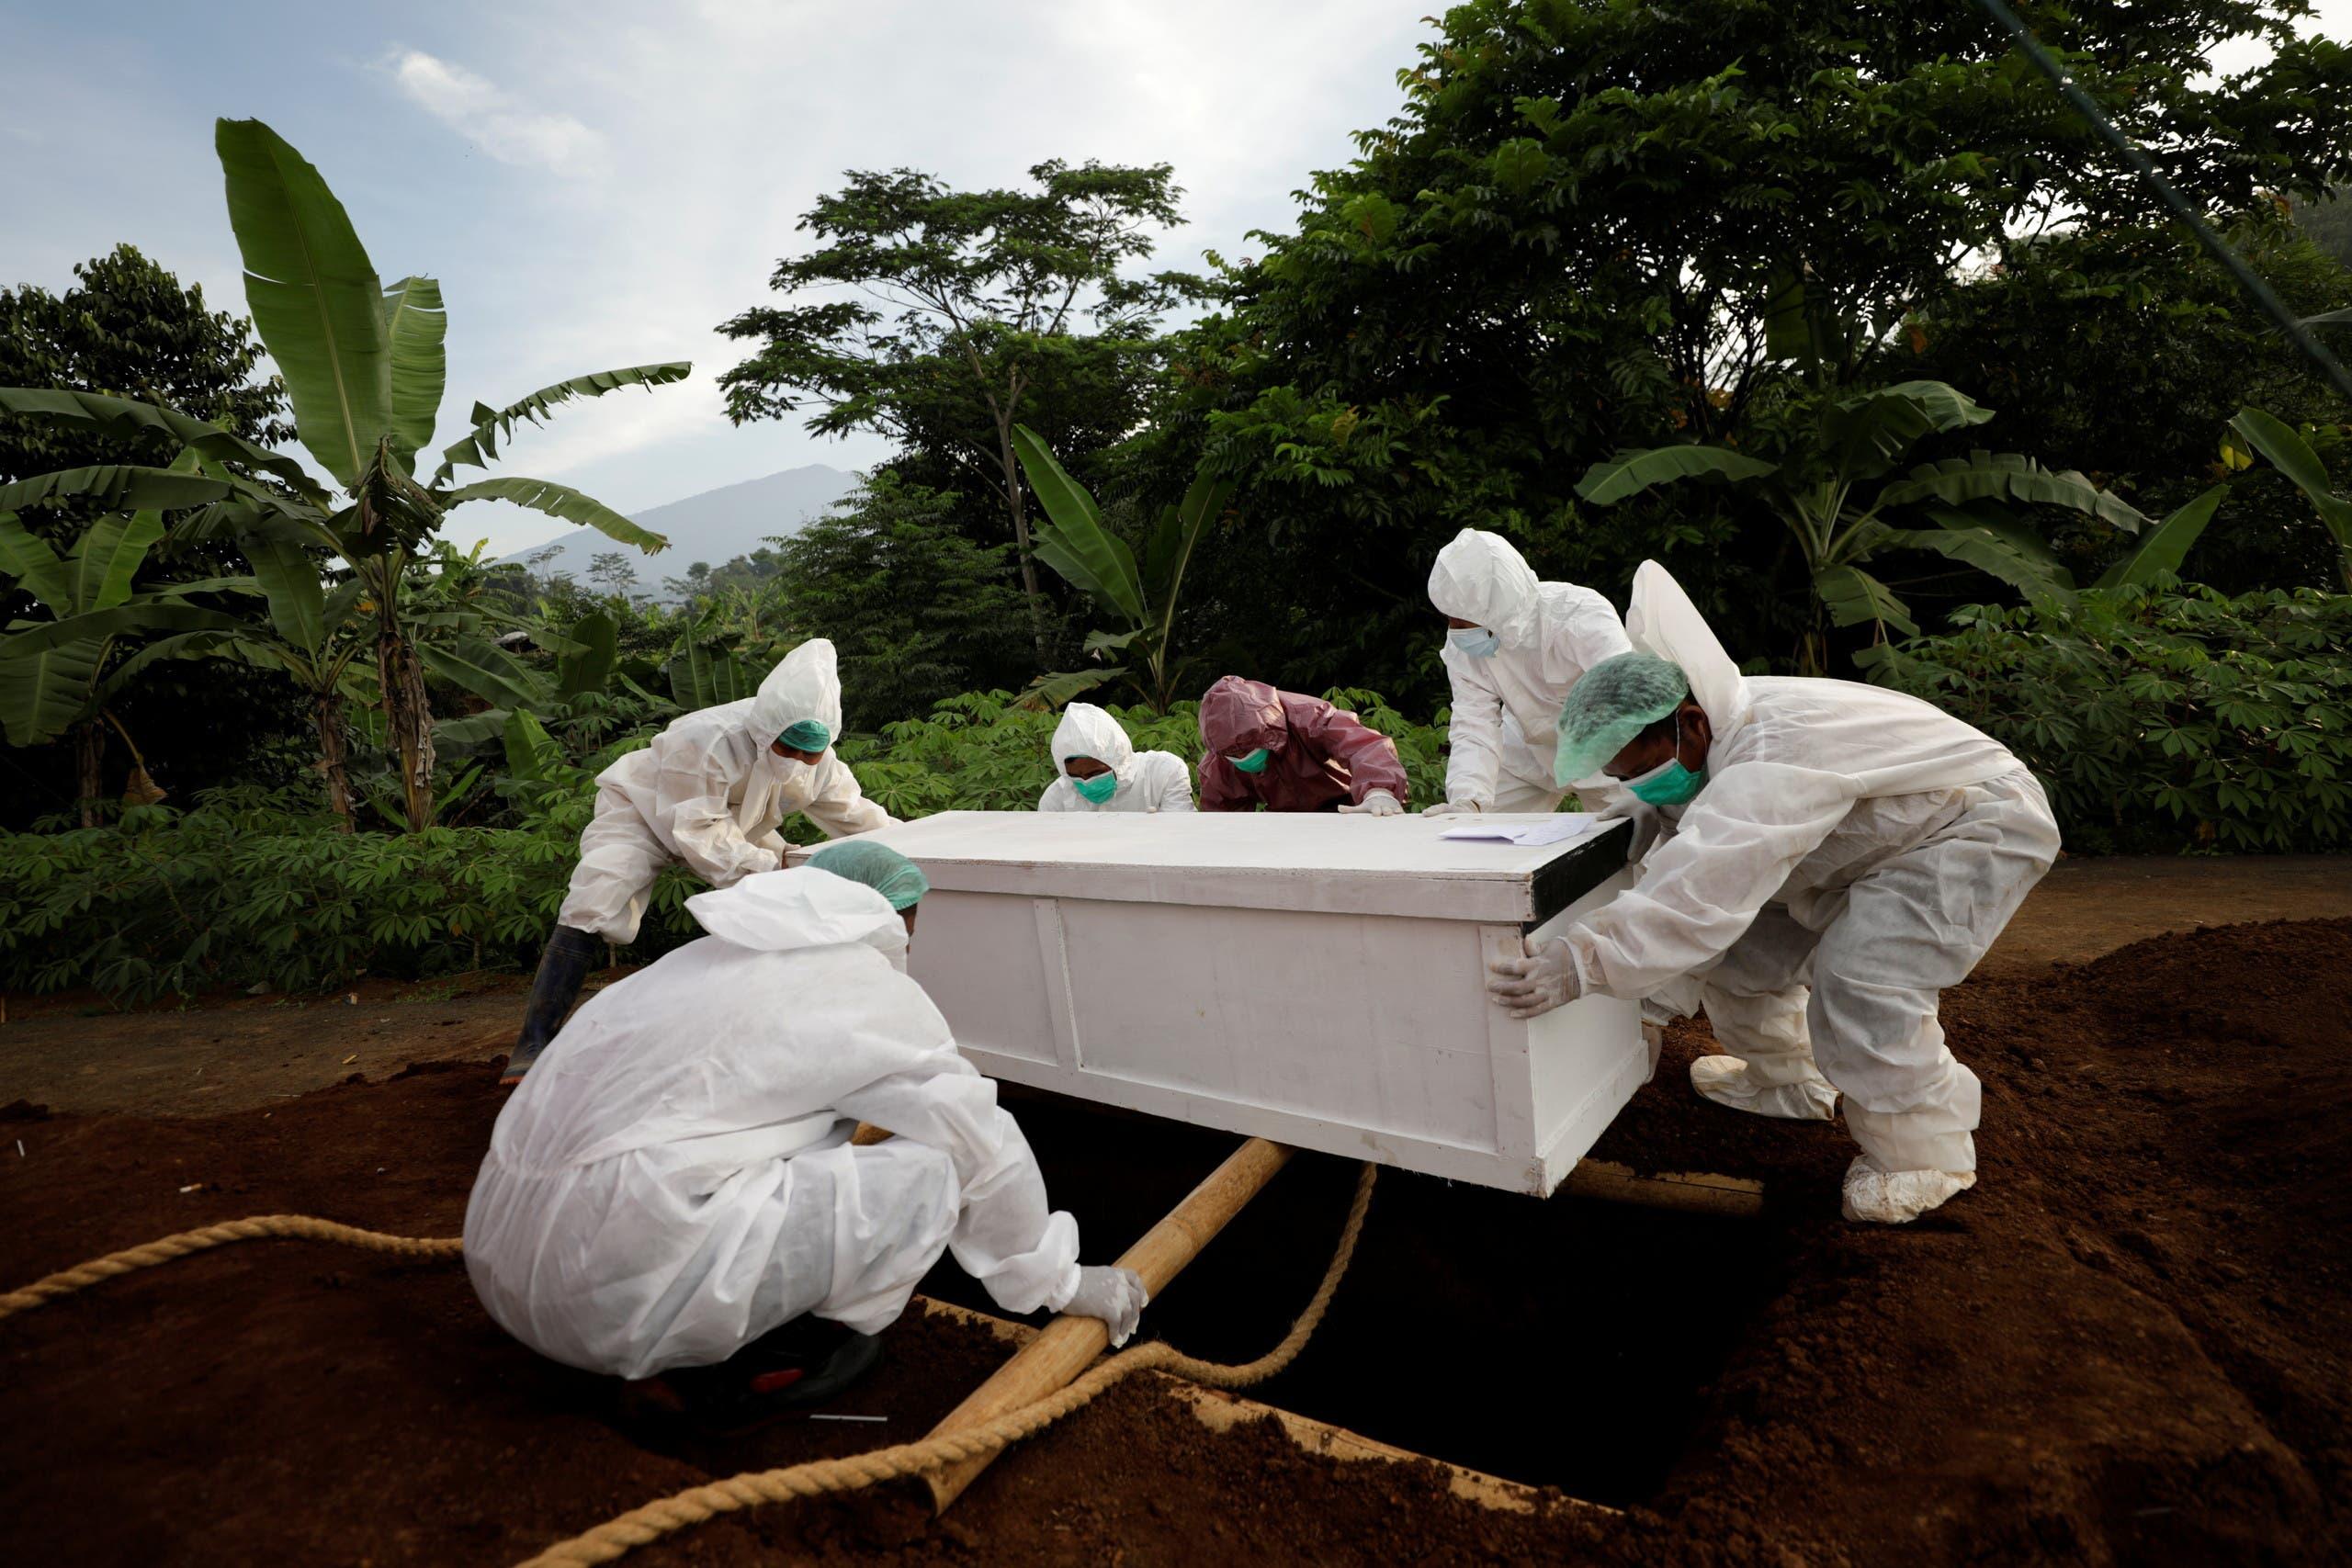 دفن أحد المتوفين بكورونا في جزيرة جاوة في إندونيسيا